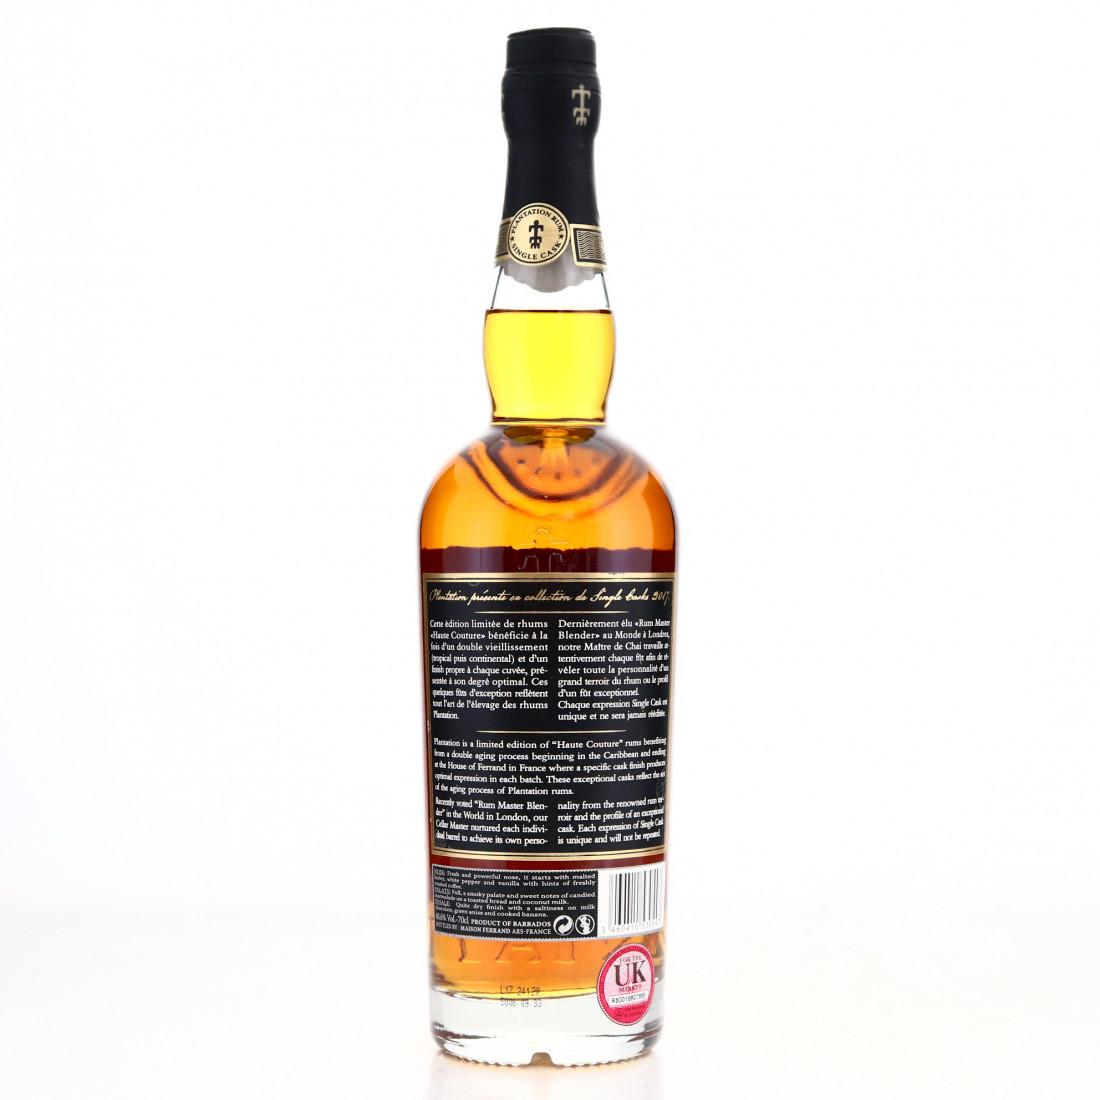 Barbados Rum XO Plantation Single Cask #16 / ex-Mackmyra ...